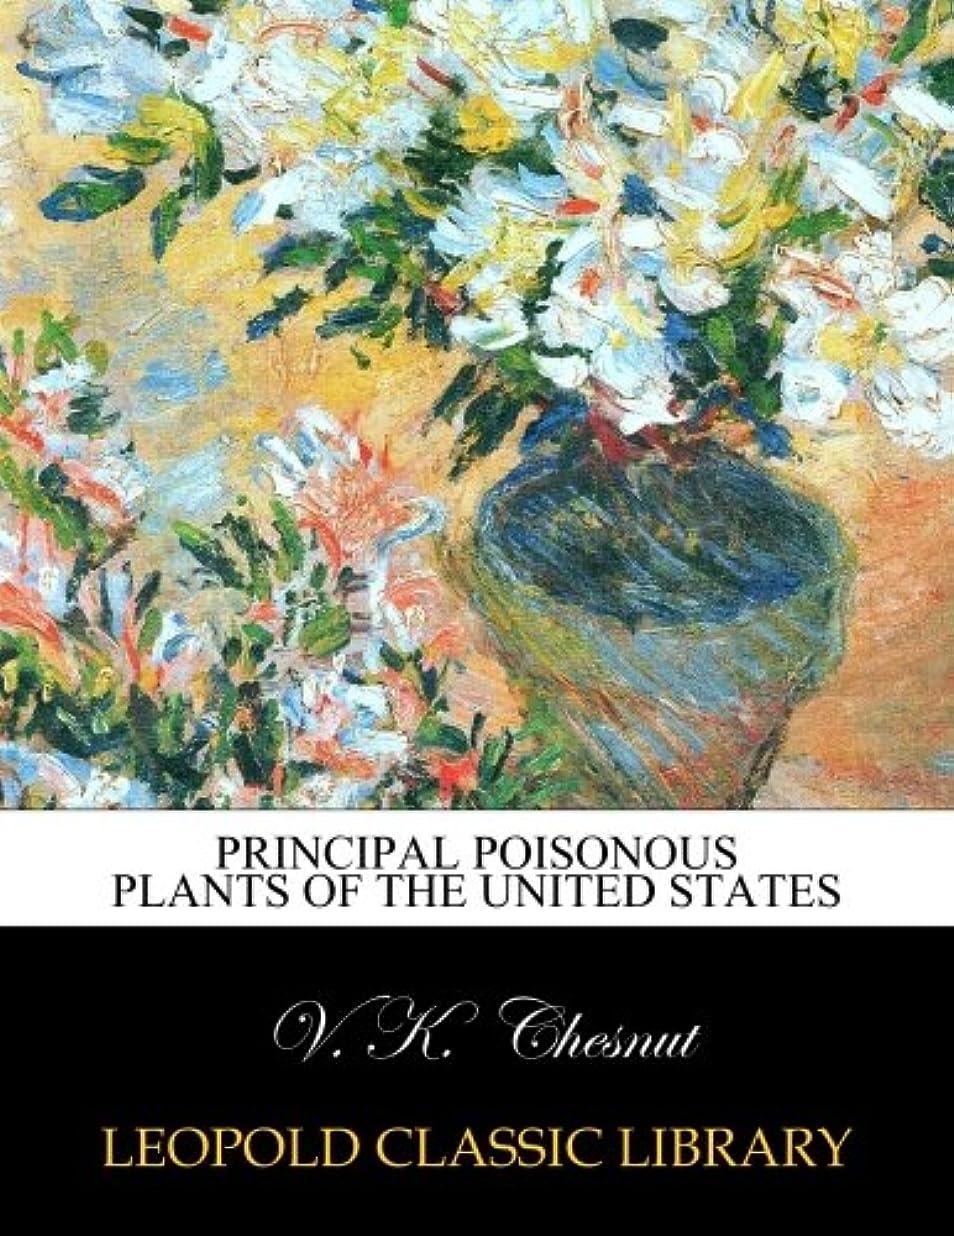 救援きょうだい西Principal poisonous plants of the United States